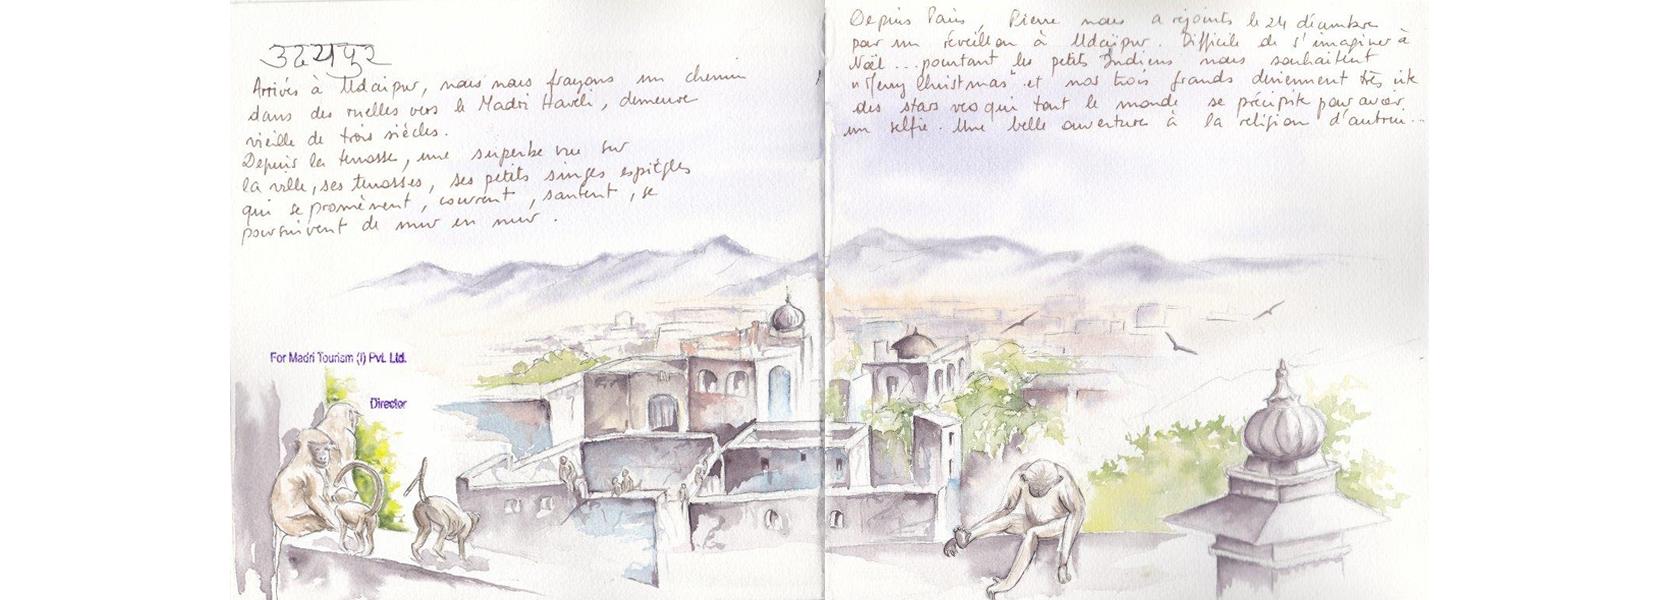 Carnet de voyage en Inde 17